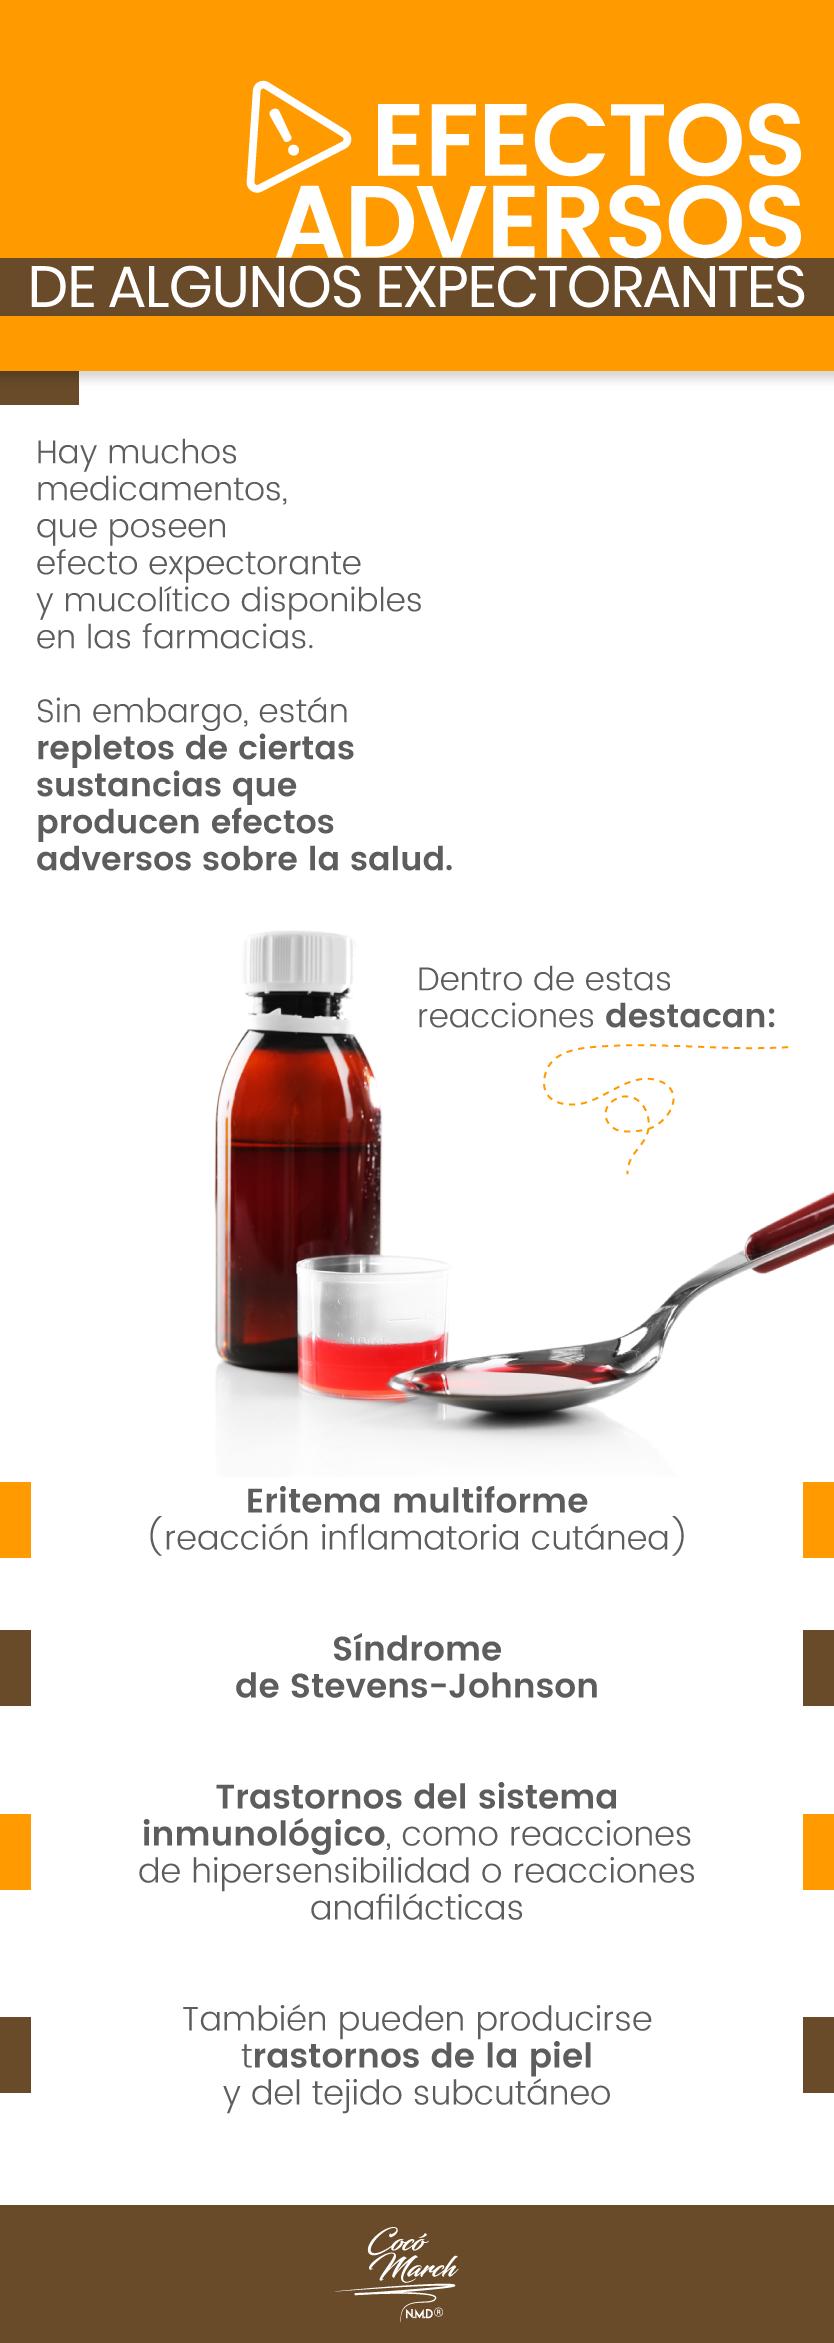 espectorantes-efectos-secundarios